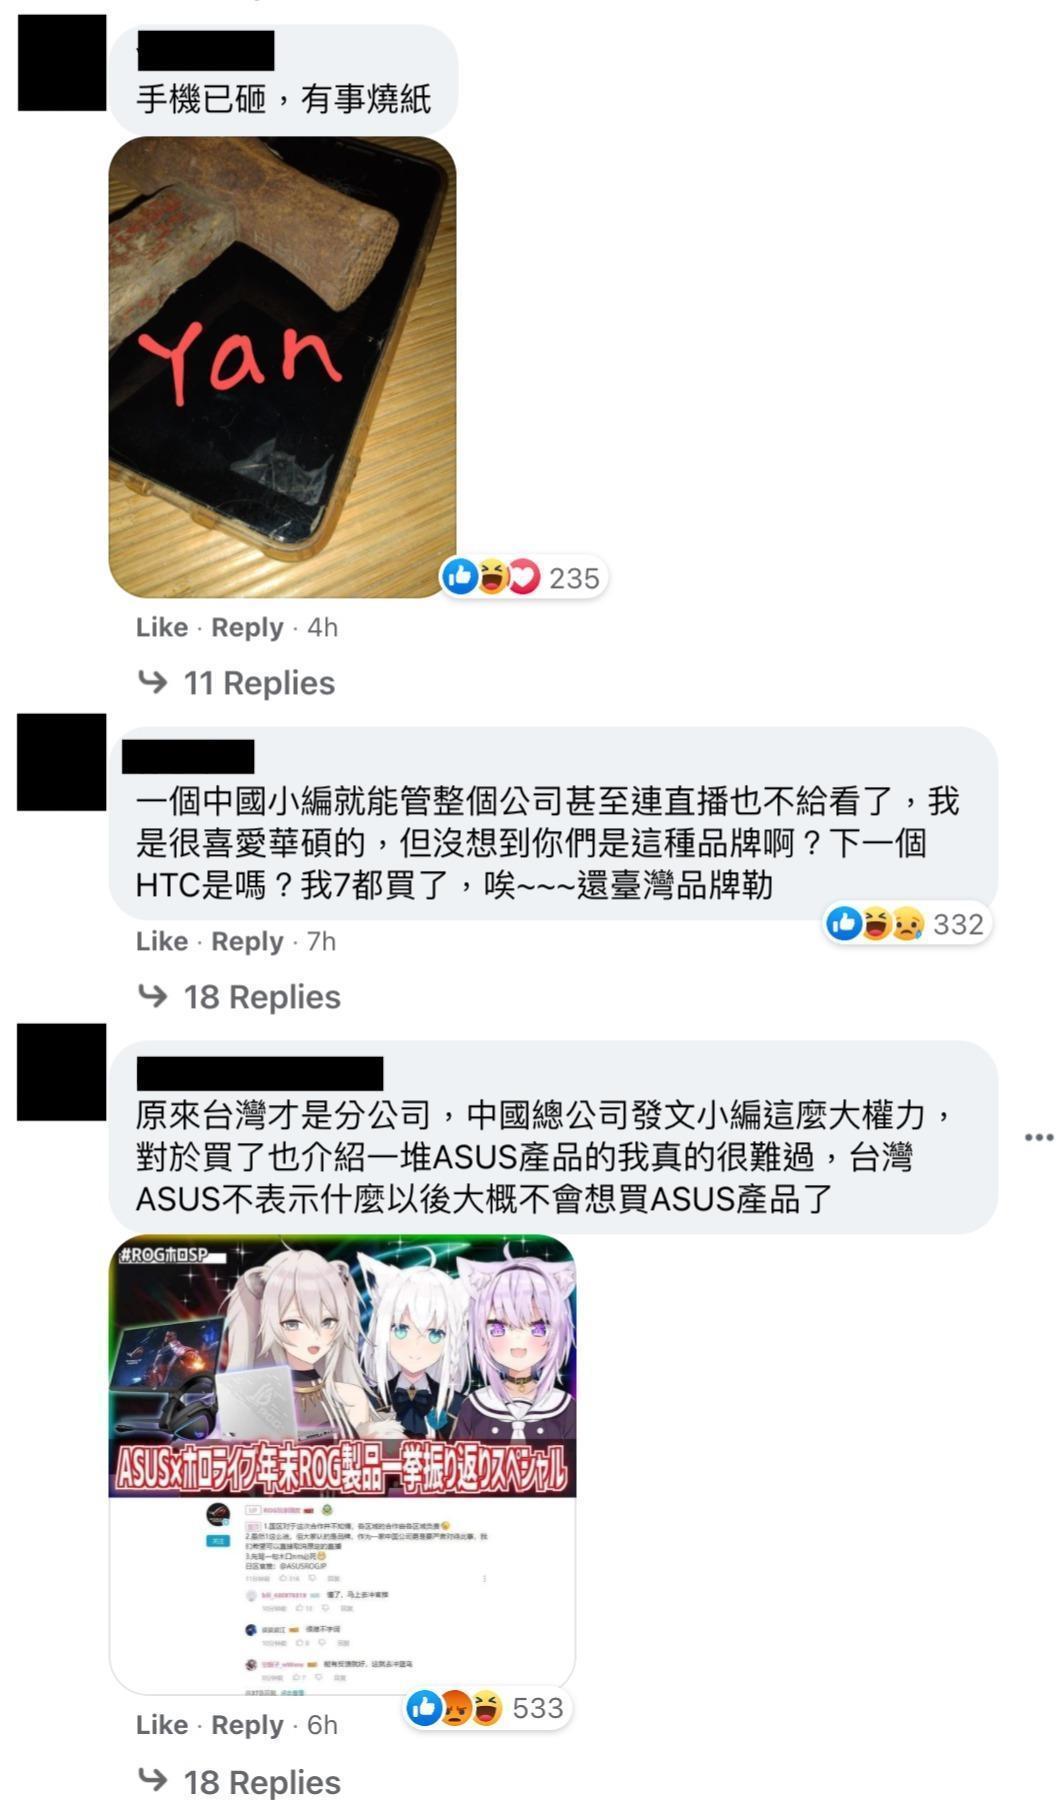 台灣網友灌爆ASUS官方臉書,揚言抵制。(翻攝ASUS官方臉書)